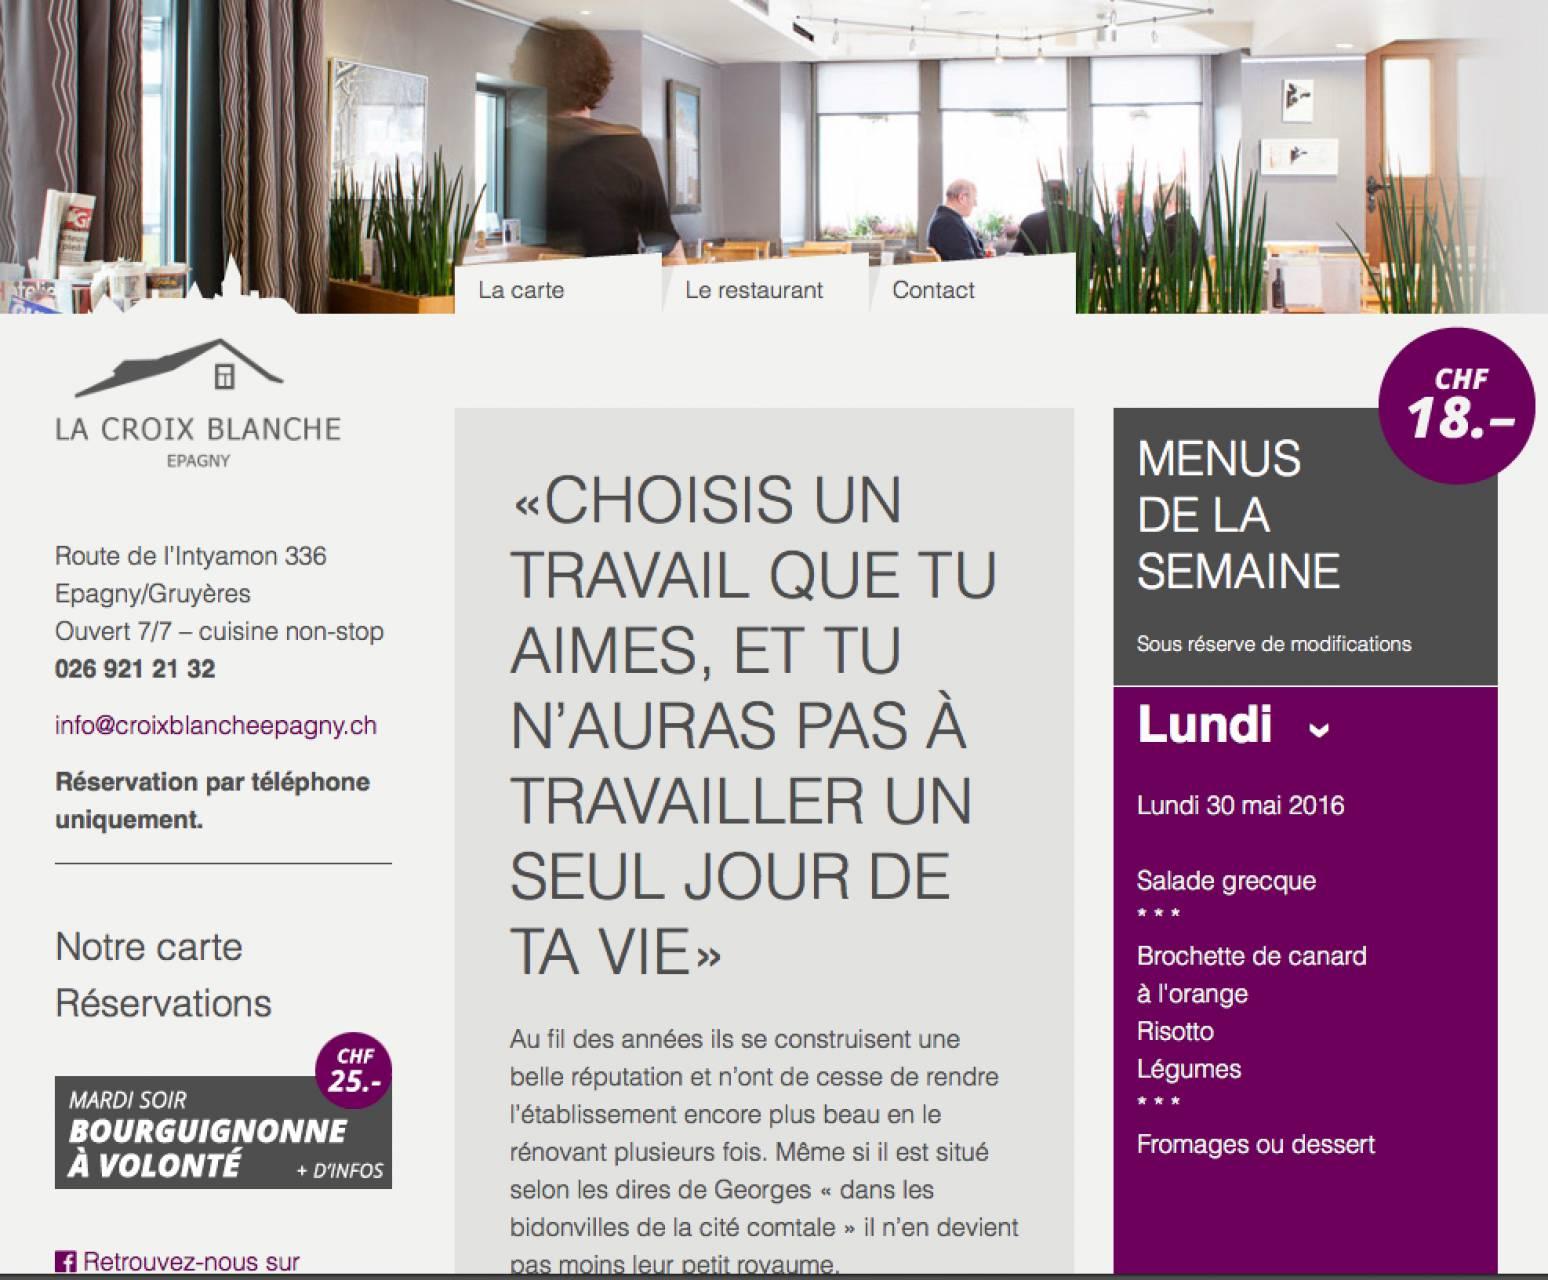 Relooking Globale De La Communication Du Restaurant Carte Des Menus Cartes Visite Page FacebookR Creation Et Alimentation Site Internet